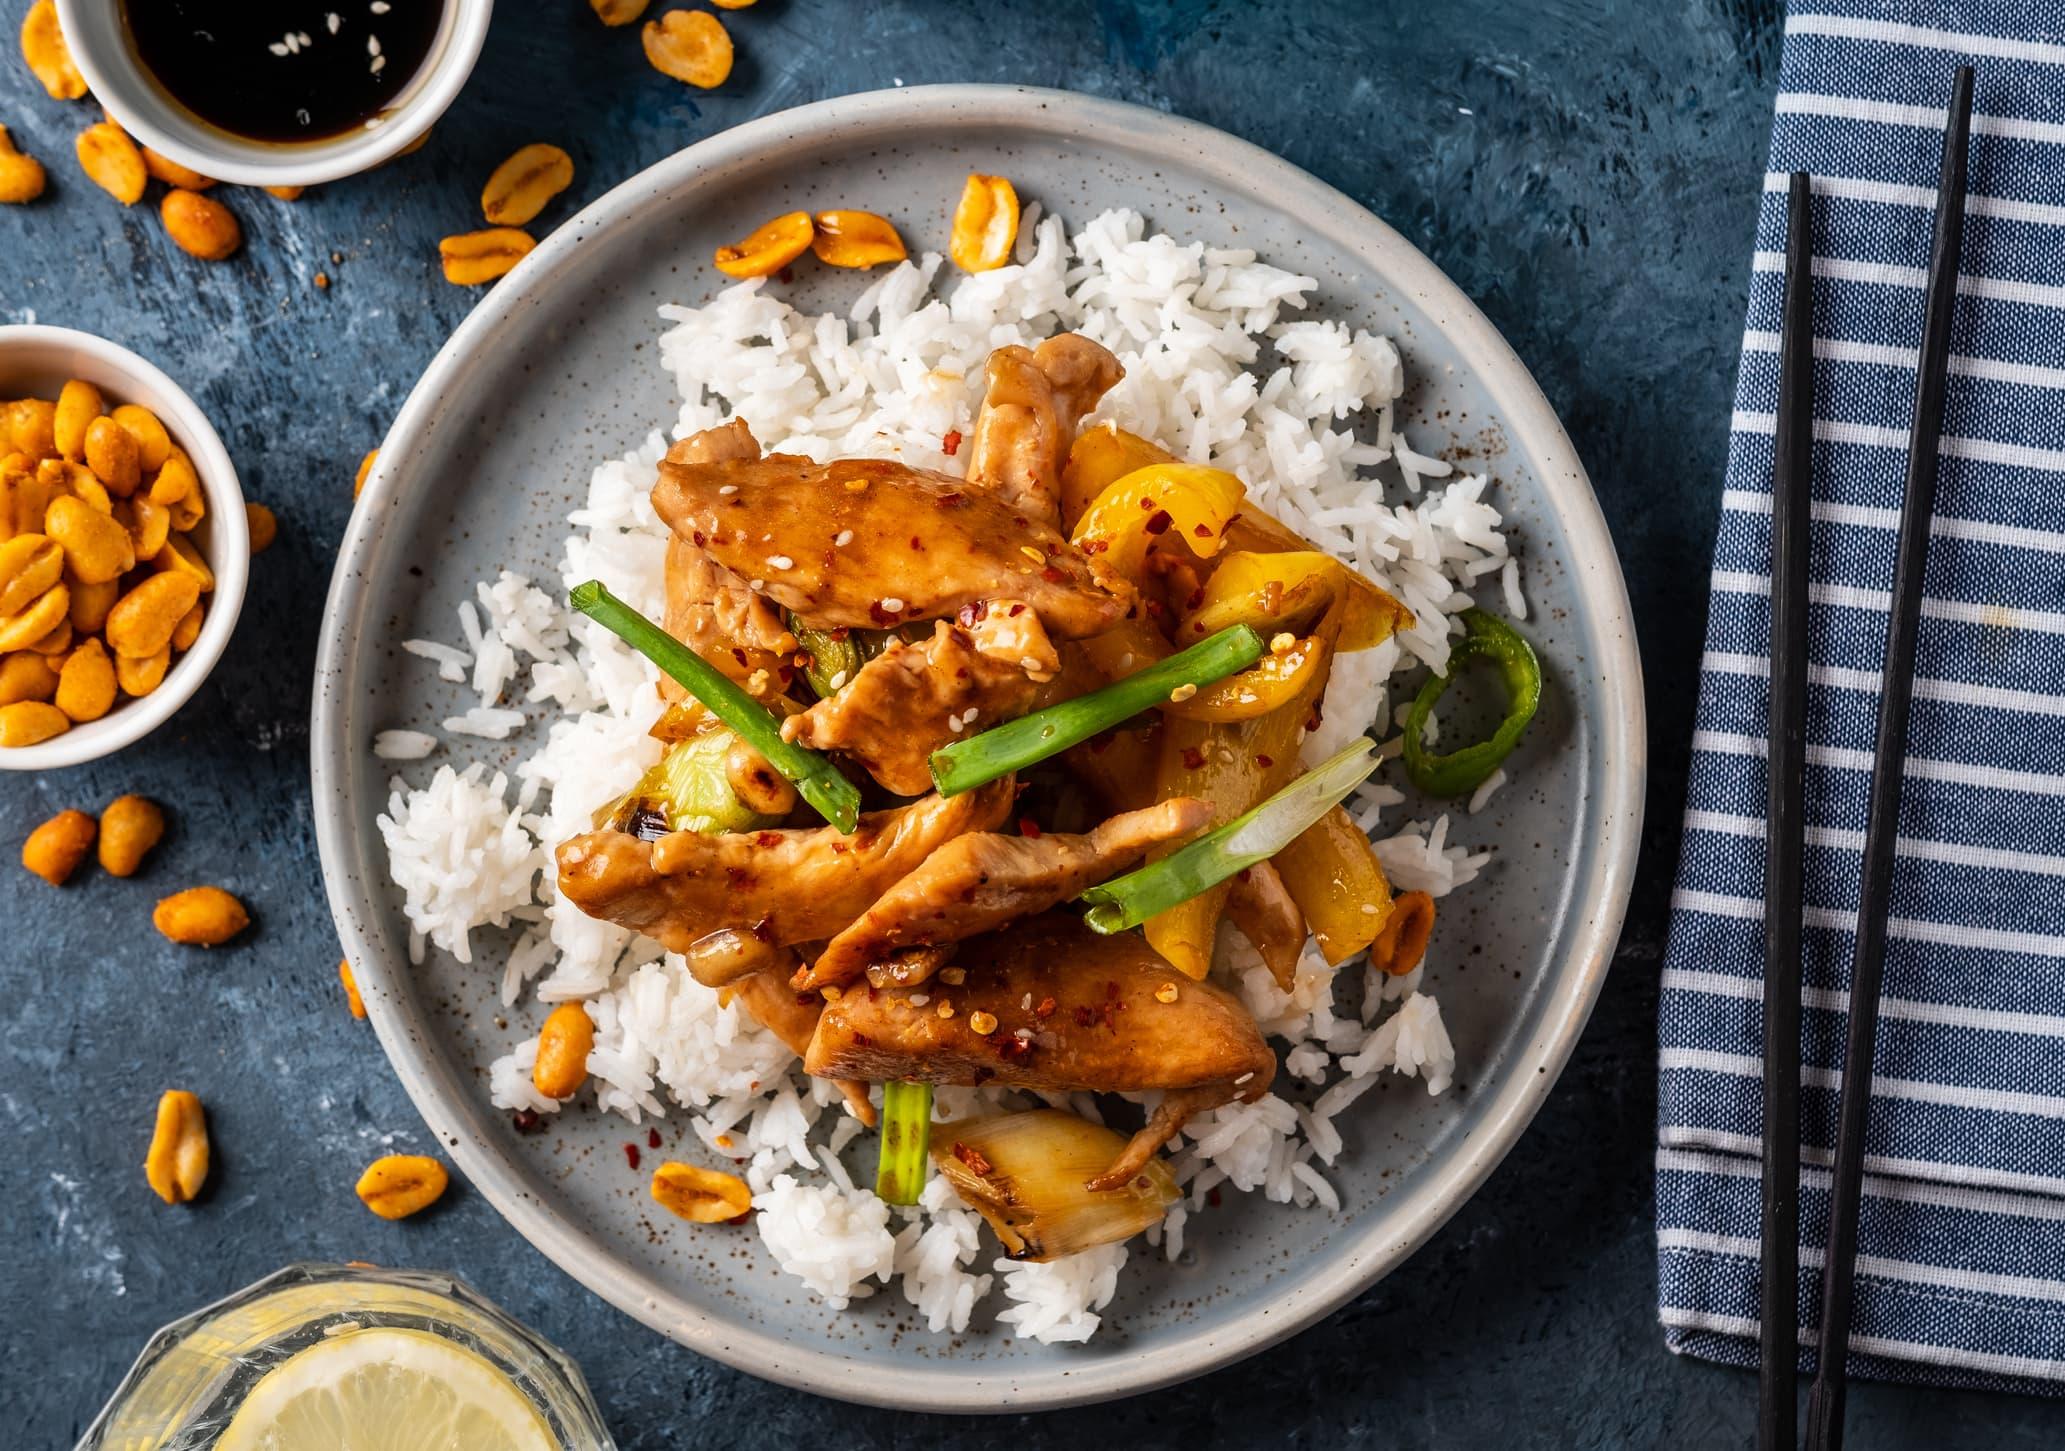 Kyllingrrett servert på ris med peanøtter som tilbehør